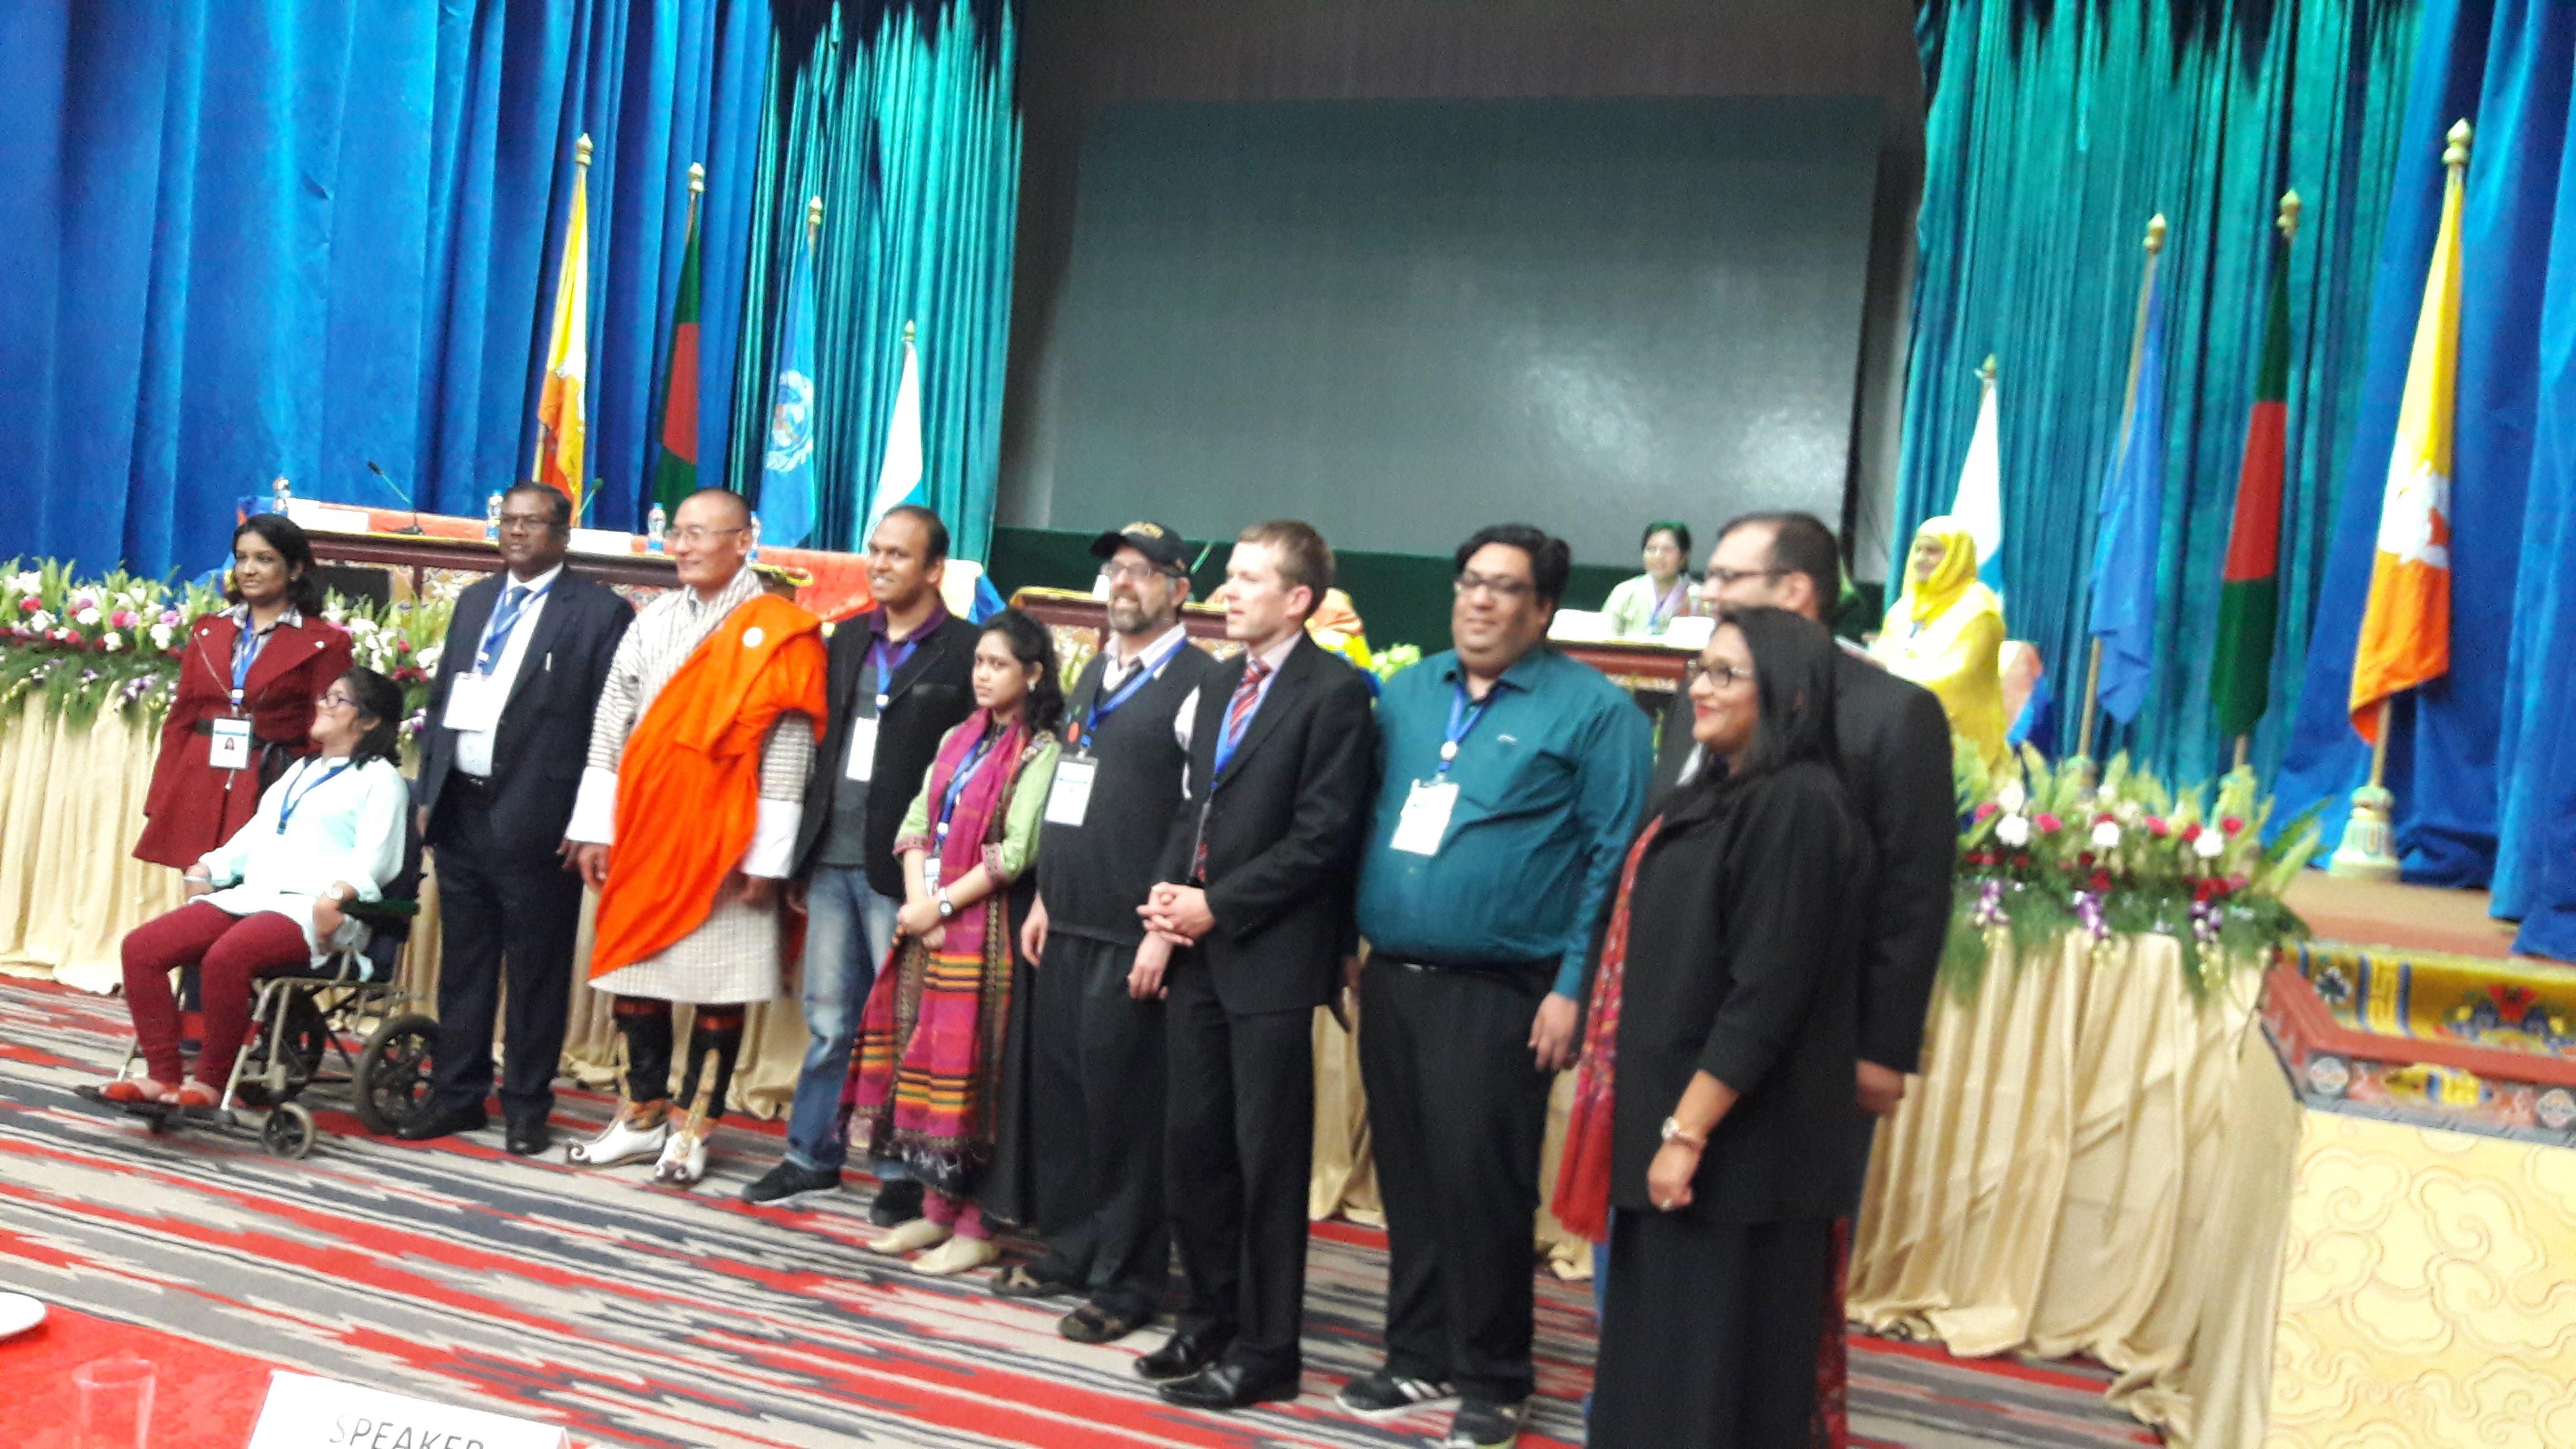 autism awareness conference in Bhutan.2017